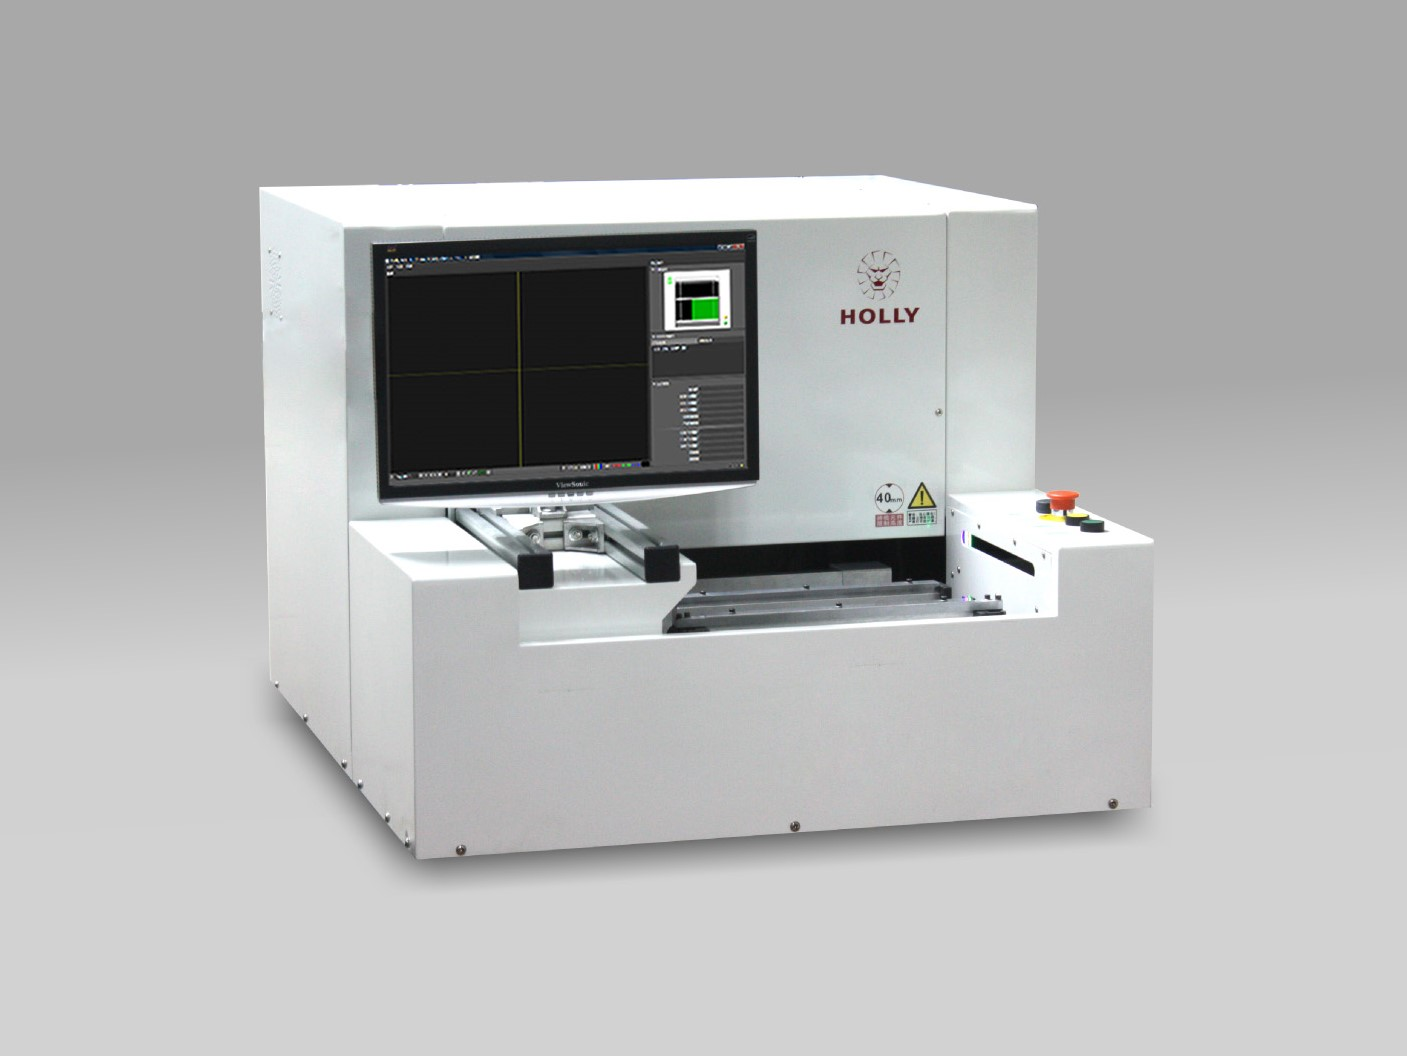 超高精度、高速桌上型自动光学检查机